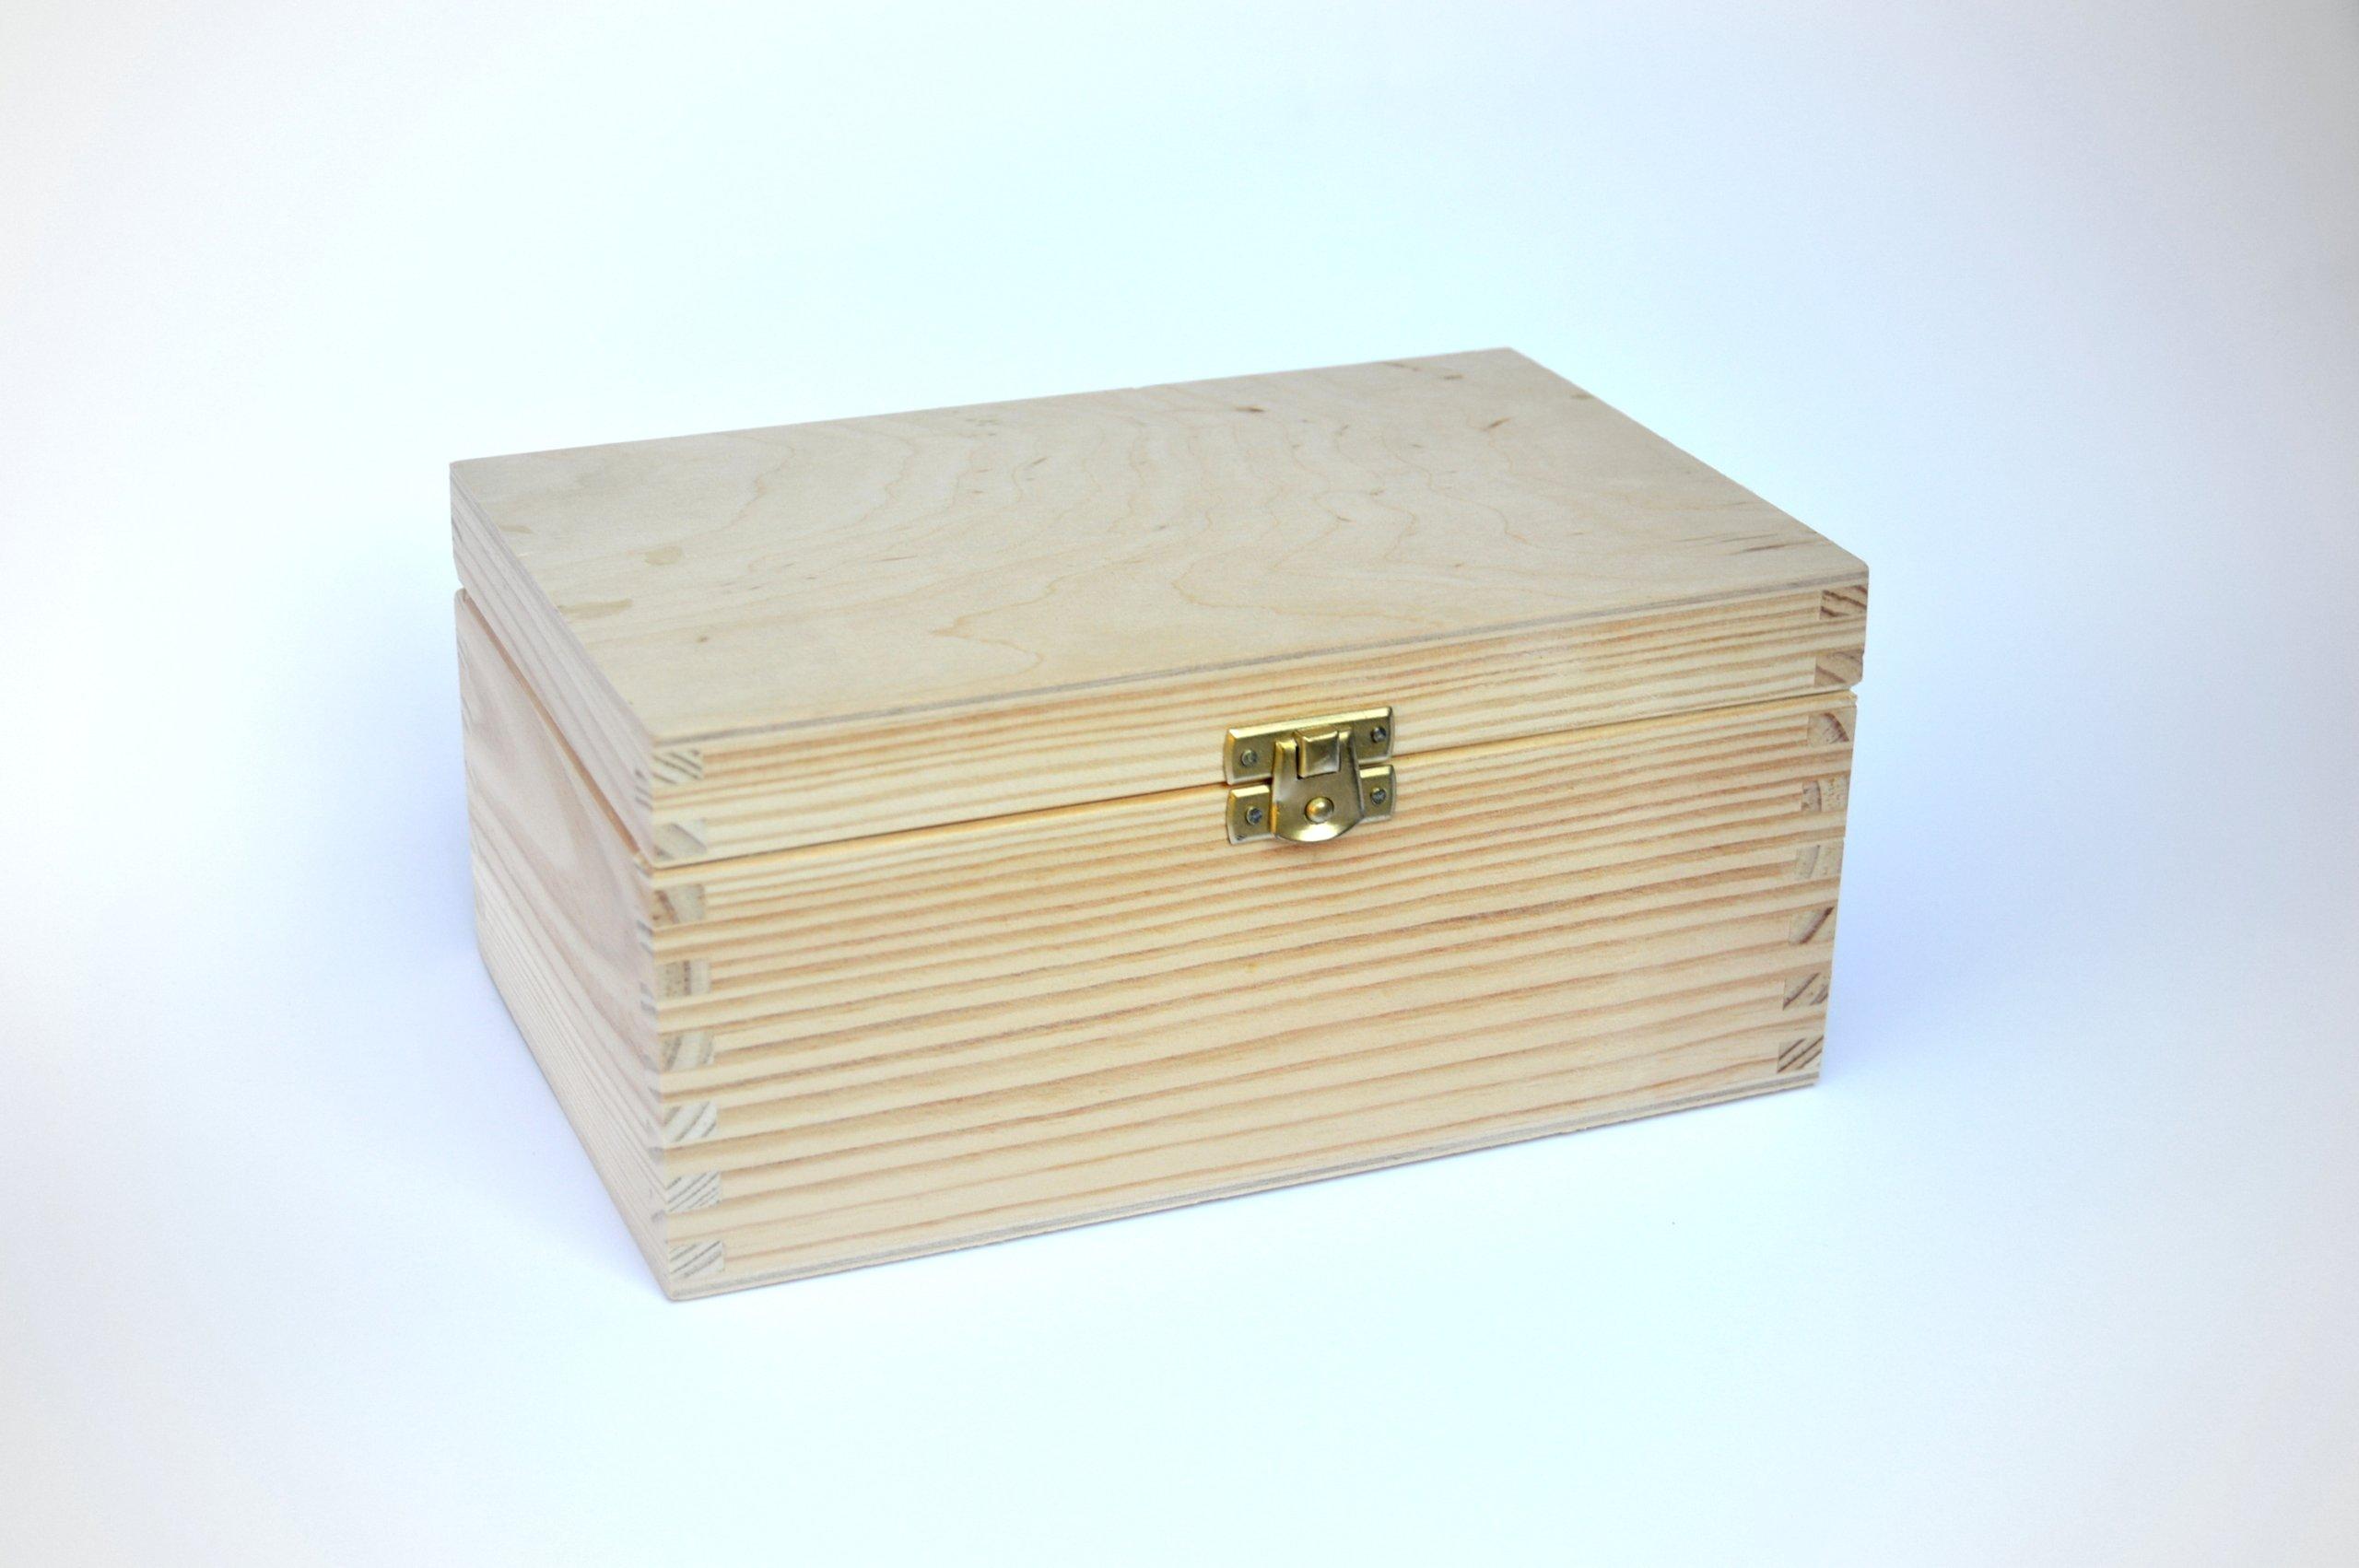 7e258924448245 Pudełka z drewna WOODEN WORLD, pudelka z drewna Producent pudełek ...